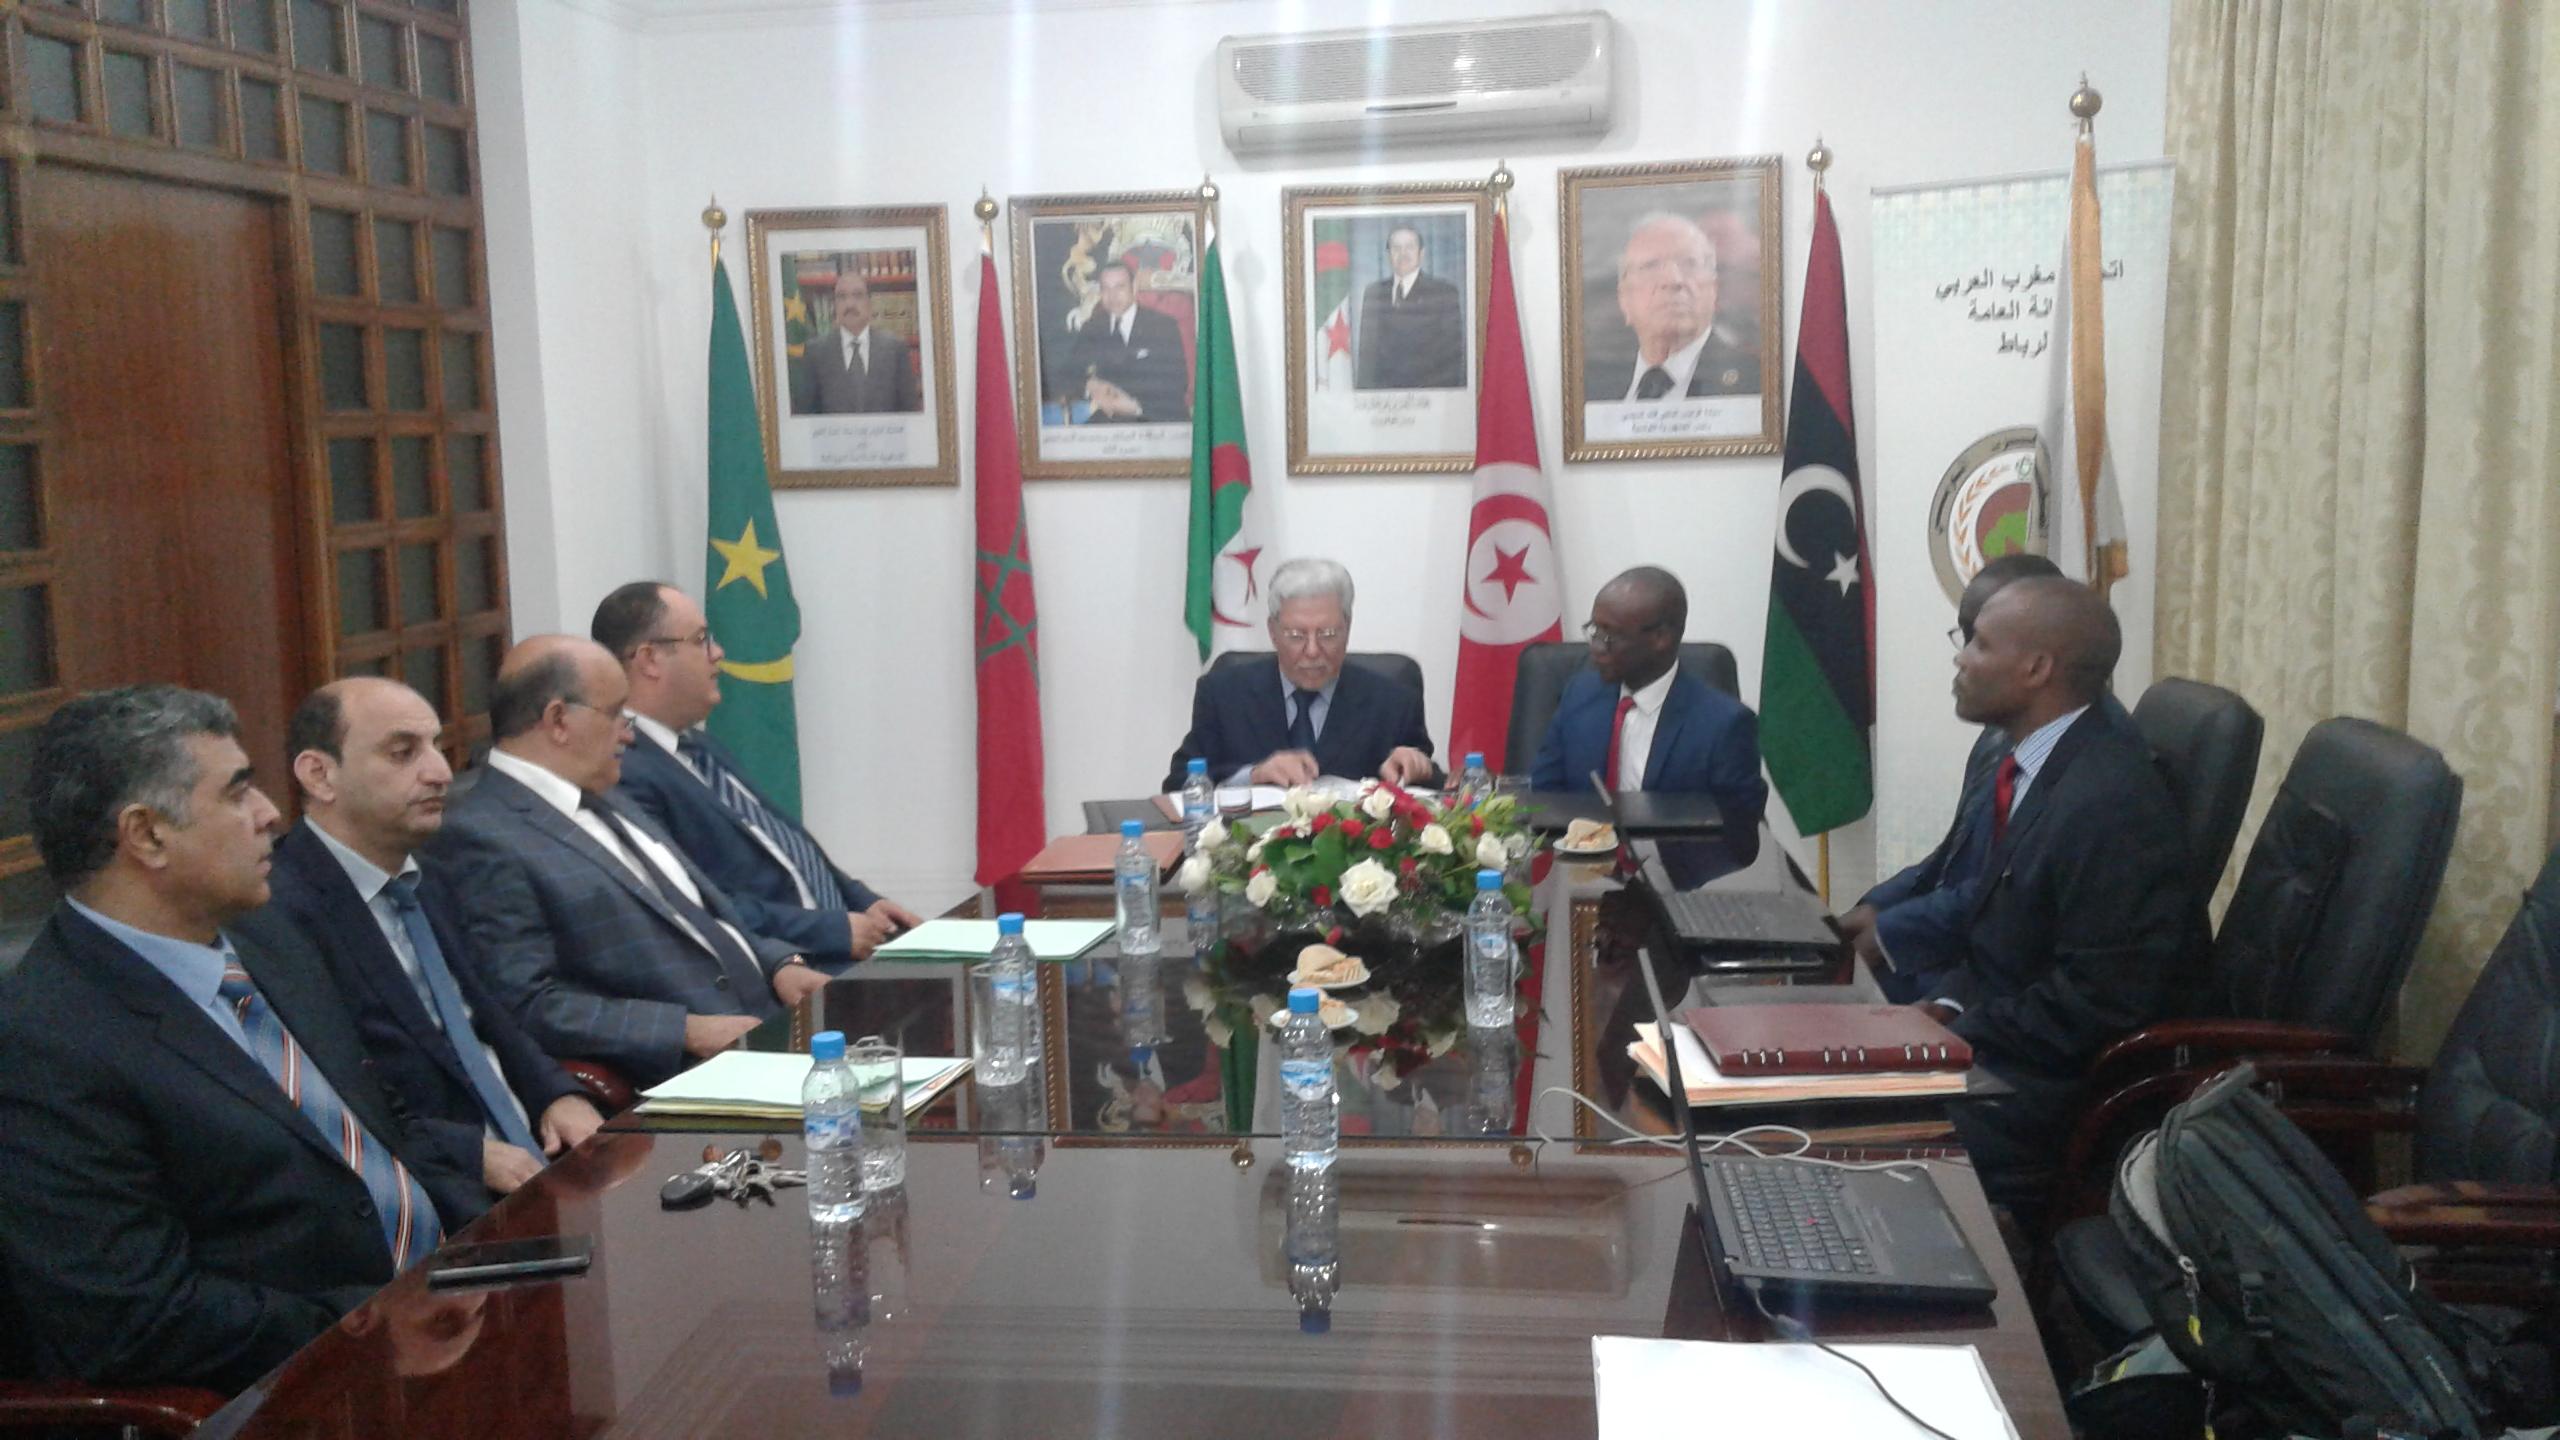 """التوقيع على اتفاق مالي بين الأمانة العامة لاتحاد المغرب العربي ووكالة """"نيباد"""""""